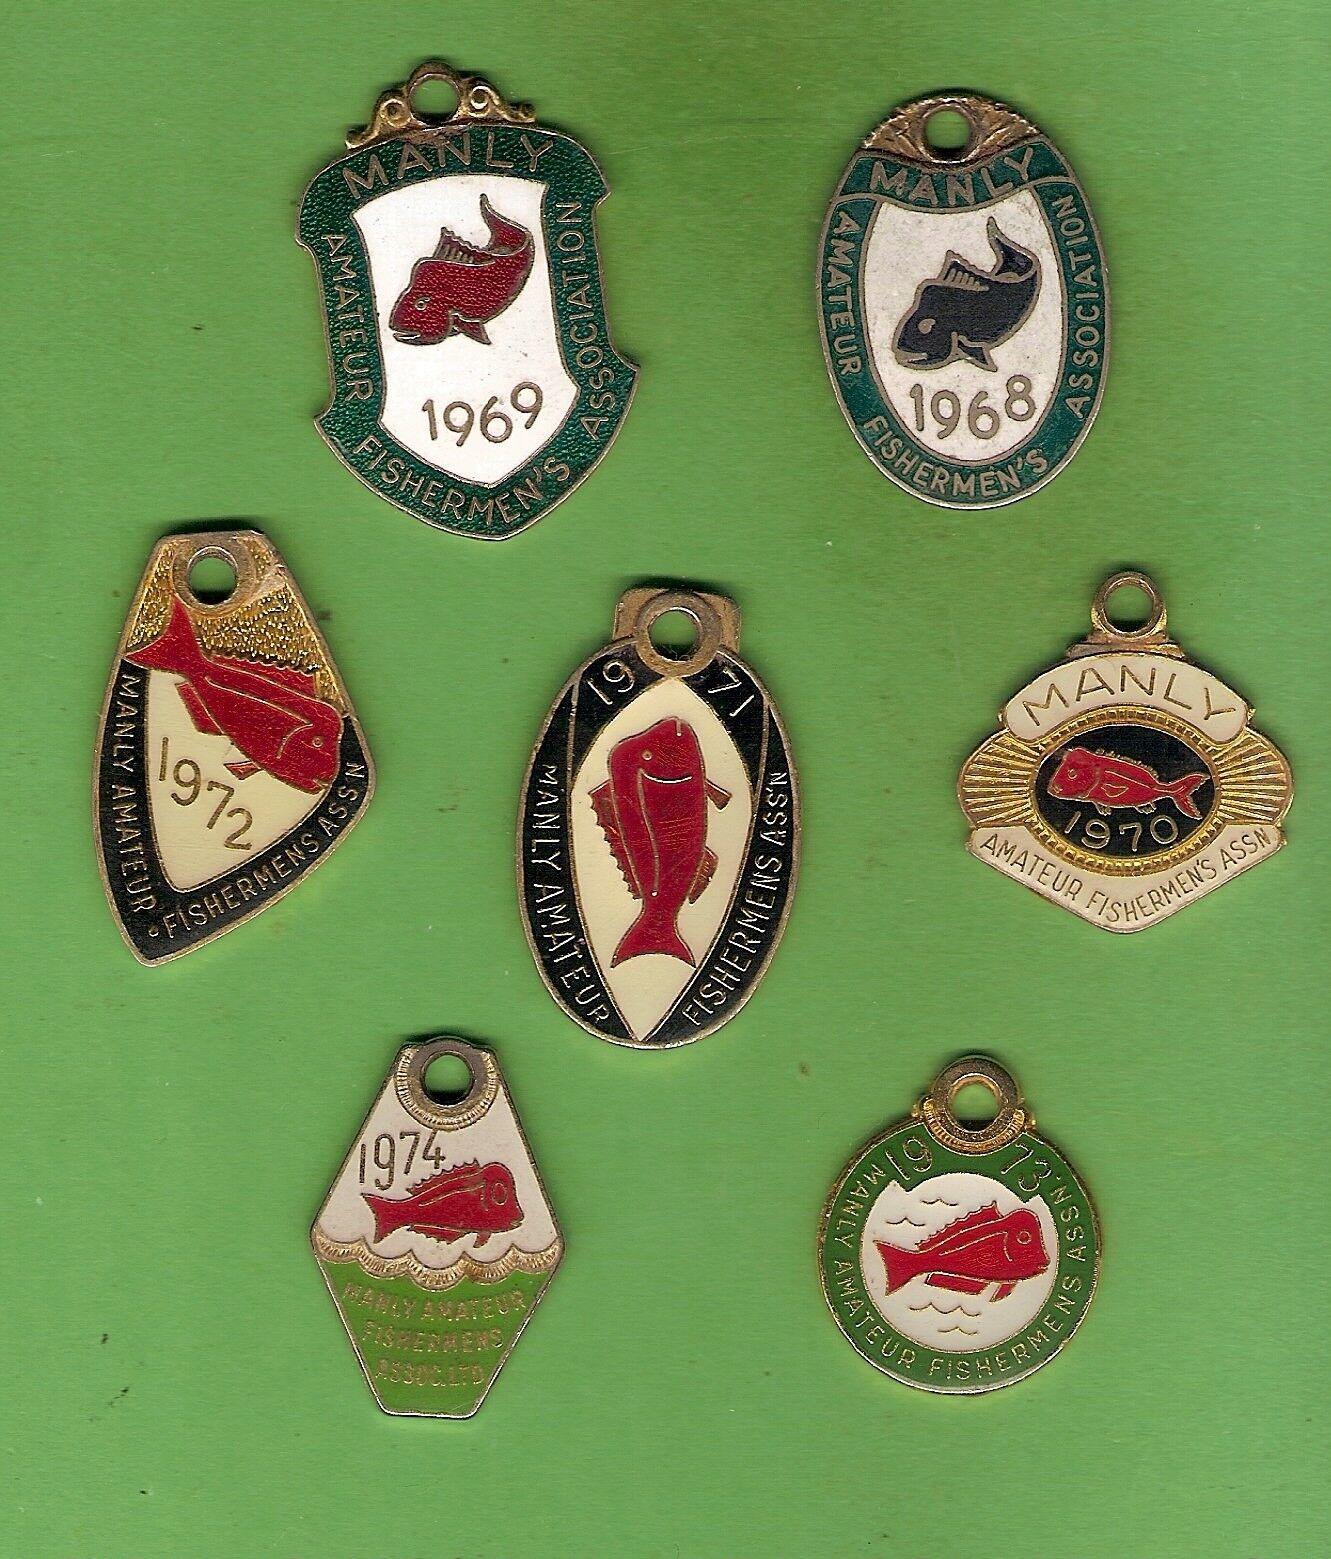 D330. MANLY AMATEAU FISHERHerren FISHING ASSOCIATION BADGES 1968 1968 1968 to 1974 0f8e81